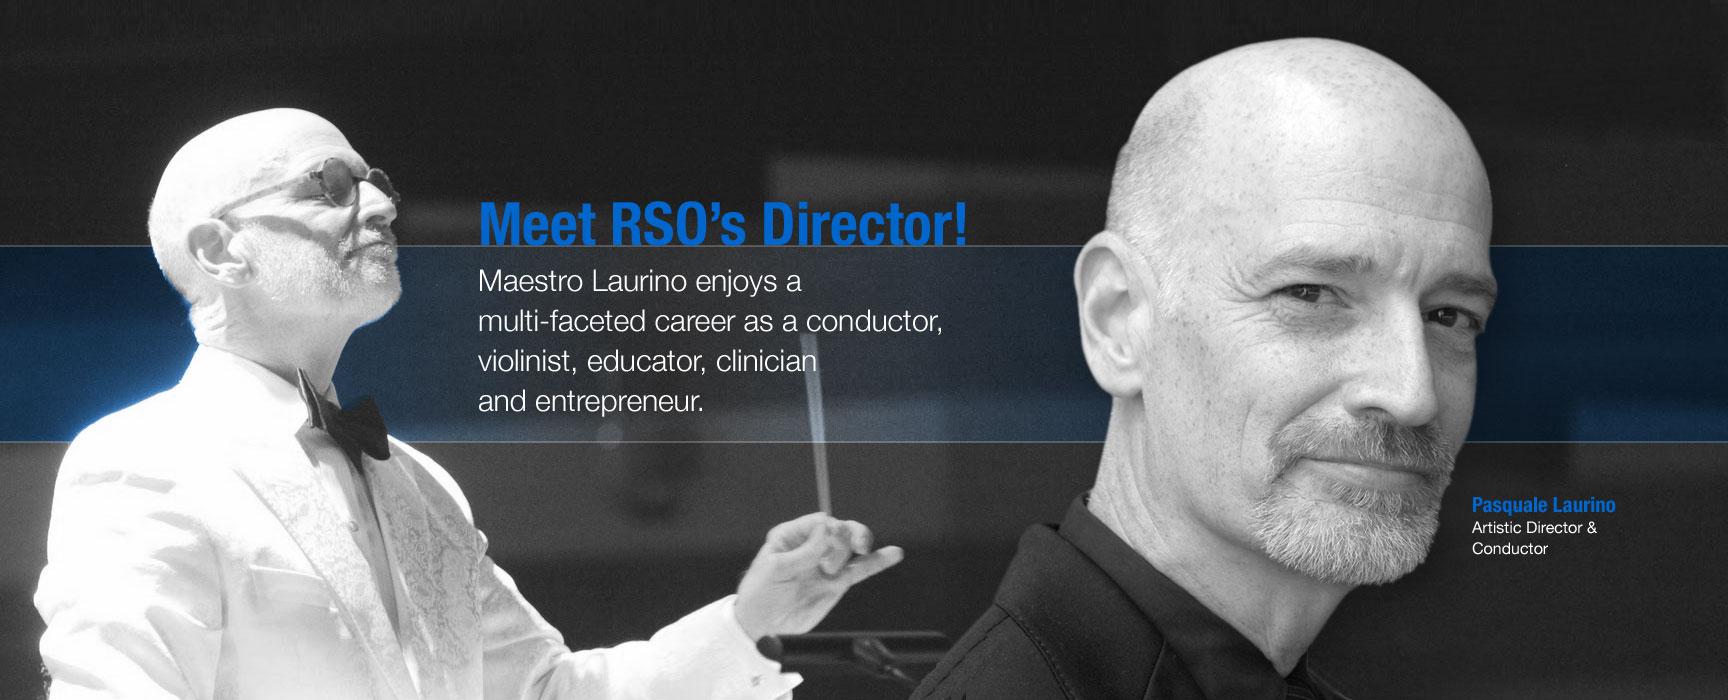 RSO Conductor Pasquale Laurino